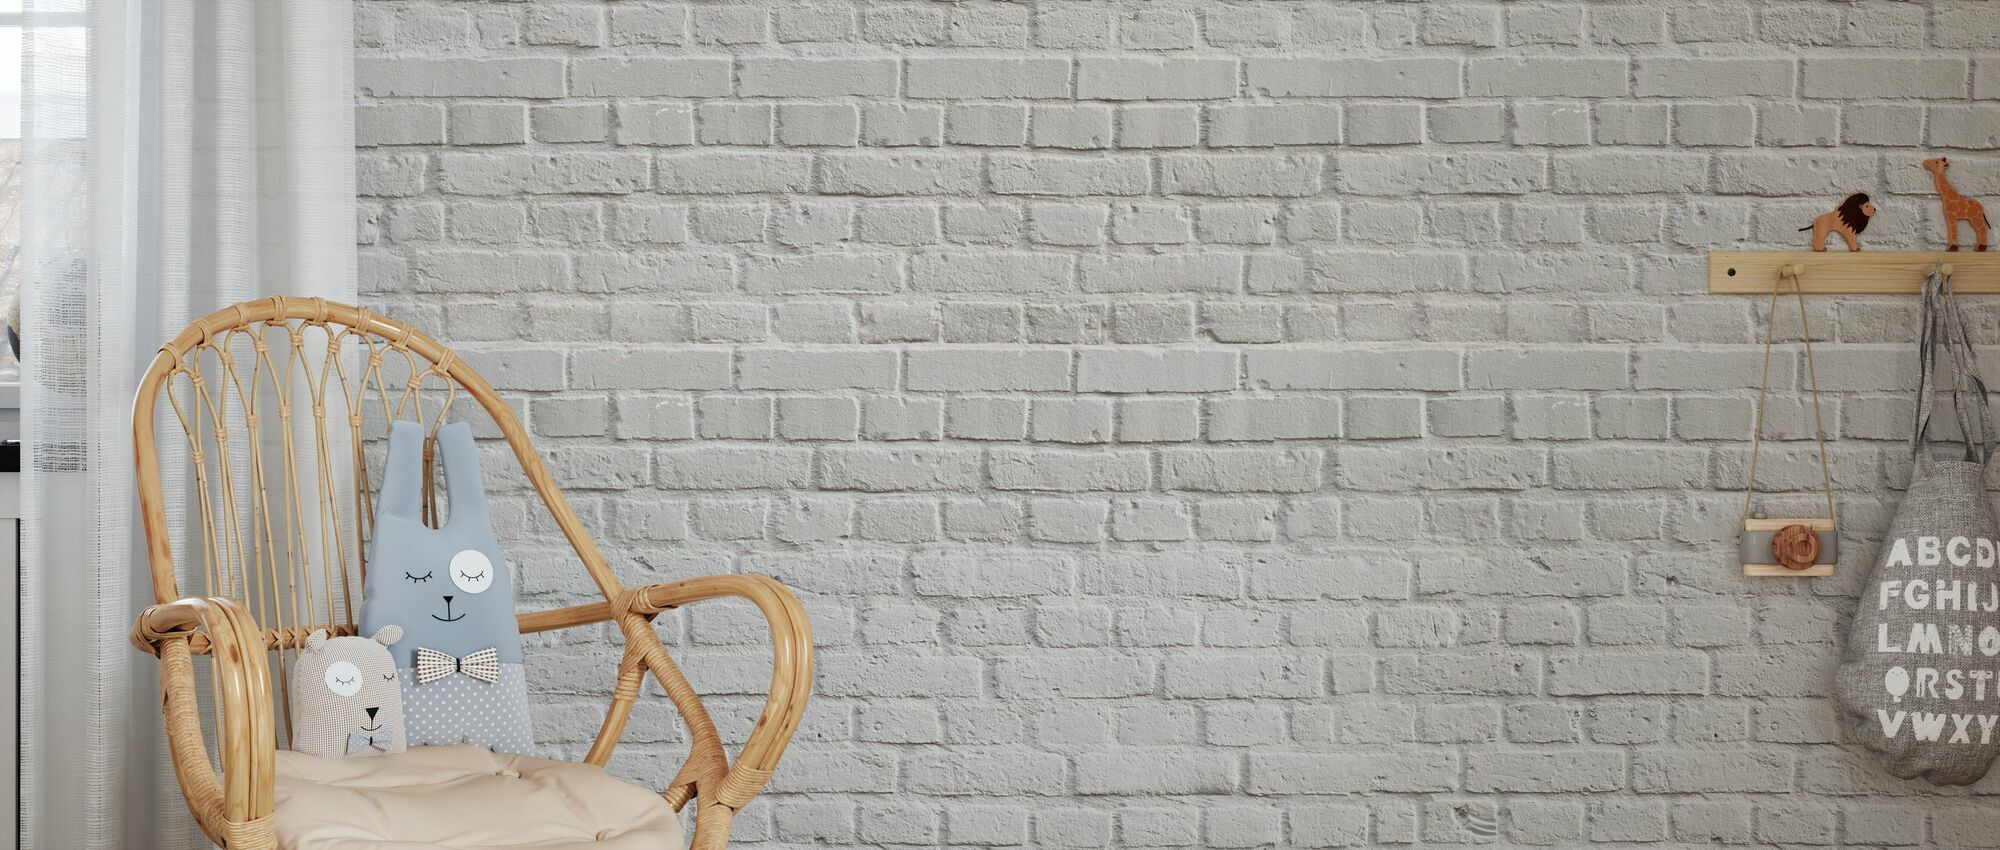 Pared Blanca de Ladrillo Amsterdam - Papel pintado - Cuarto de niños